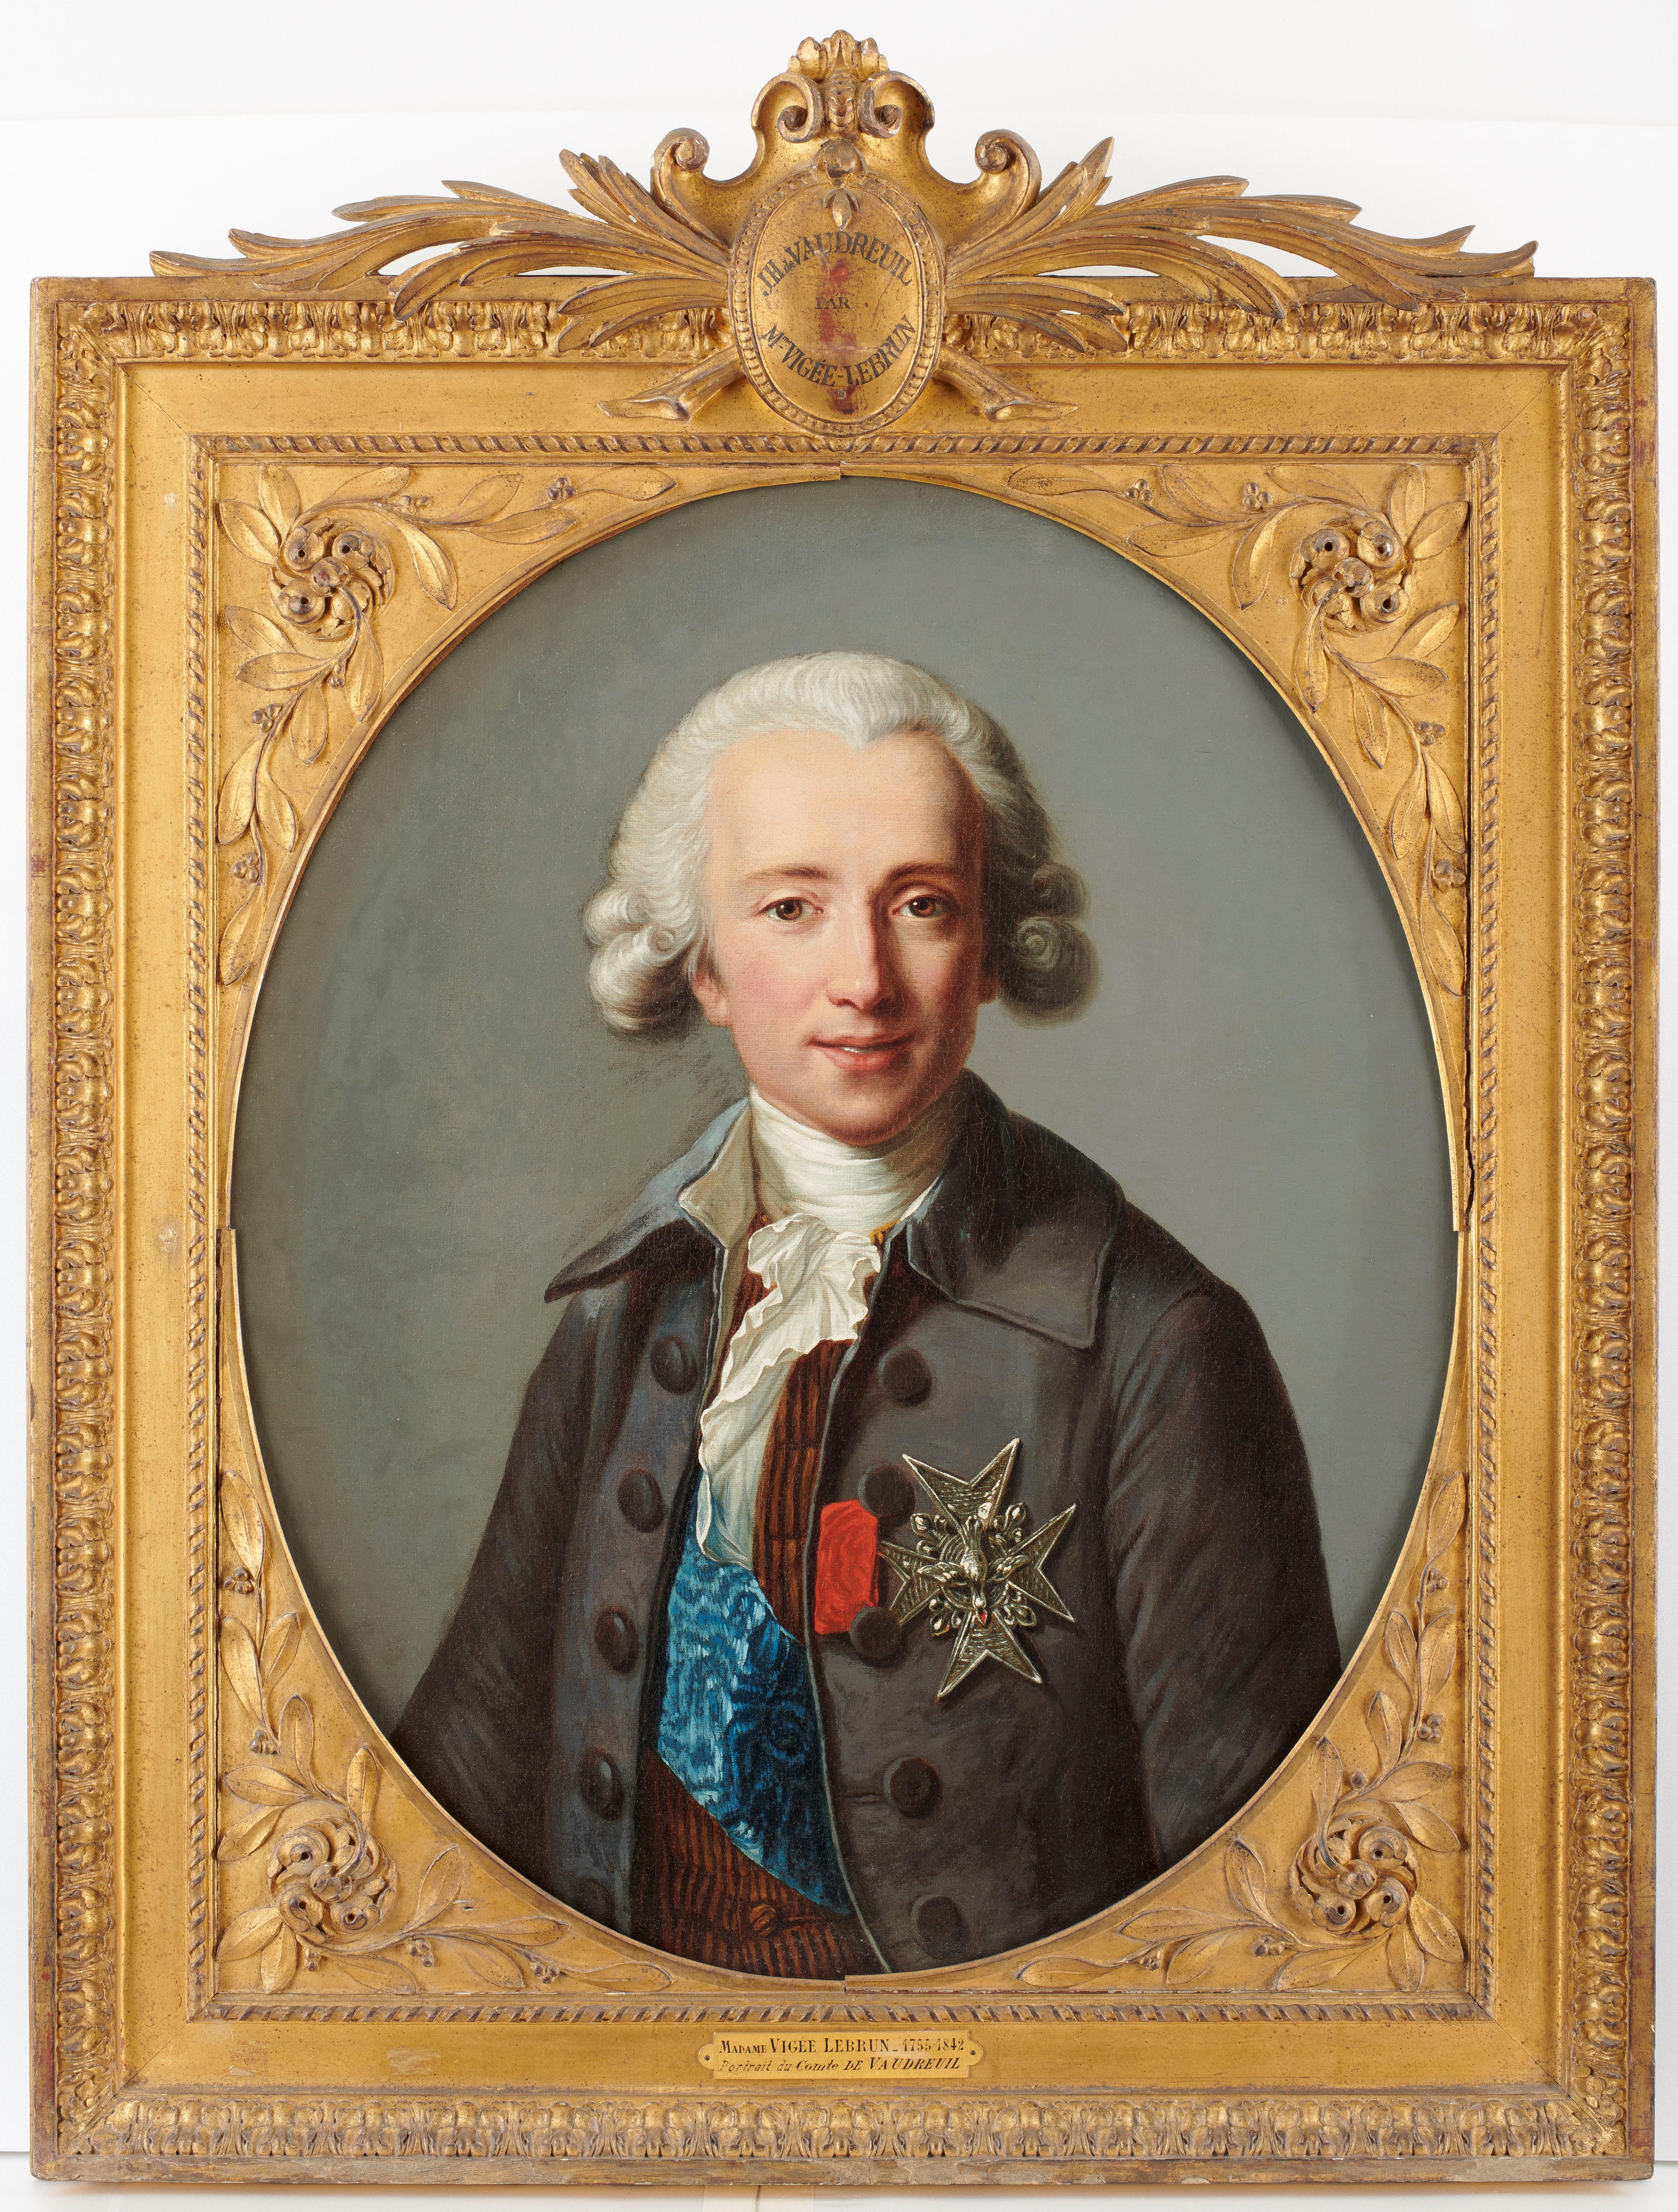 042_Comte de Vaudreuil Elisabeth Louise Vigée Le Brun ©CPDAHS_Photo Thierry Ollivier